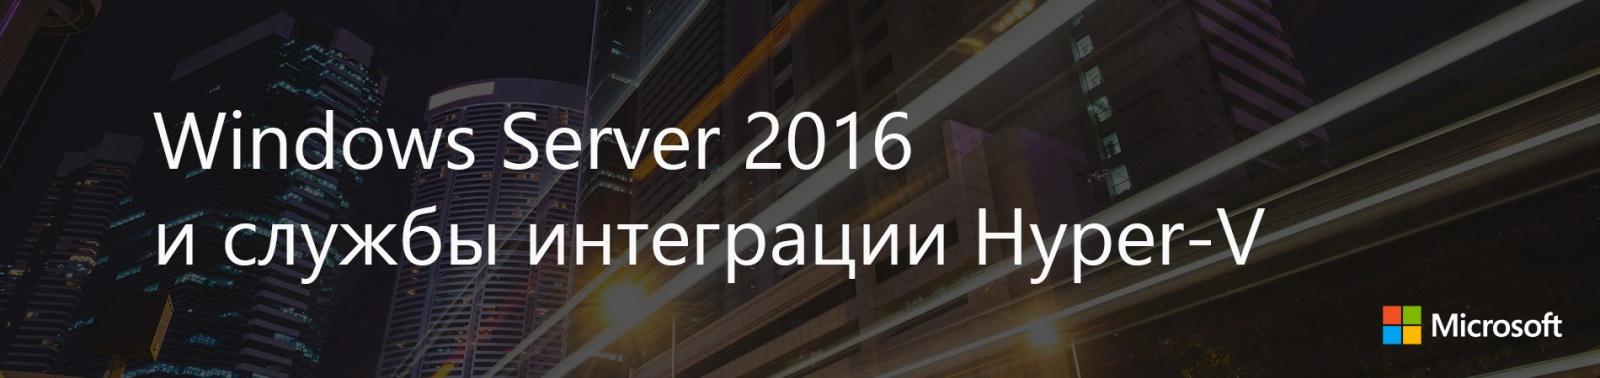 Windows Server 2016 и службы интеграции Hyper-V - 1